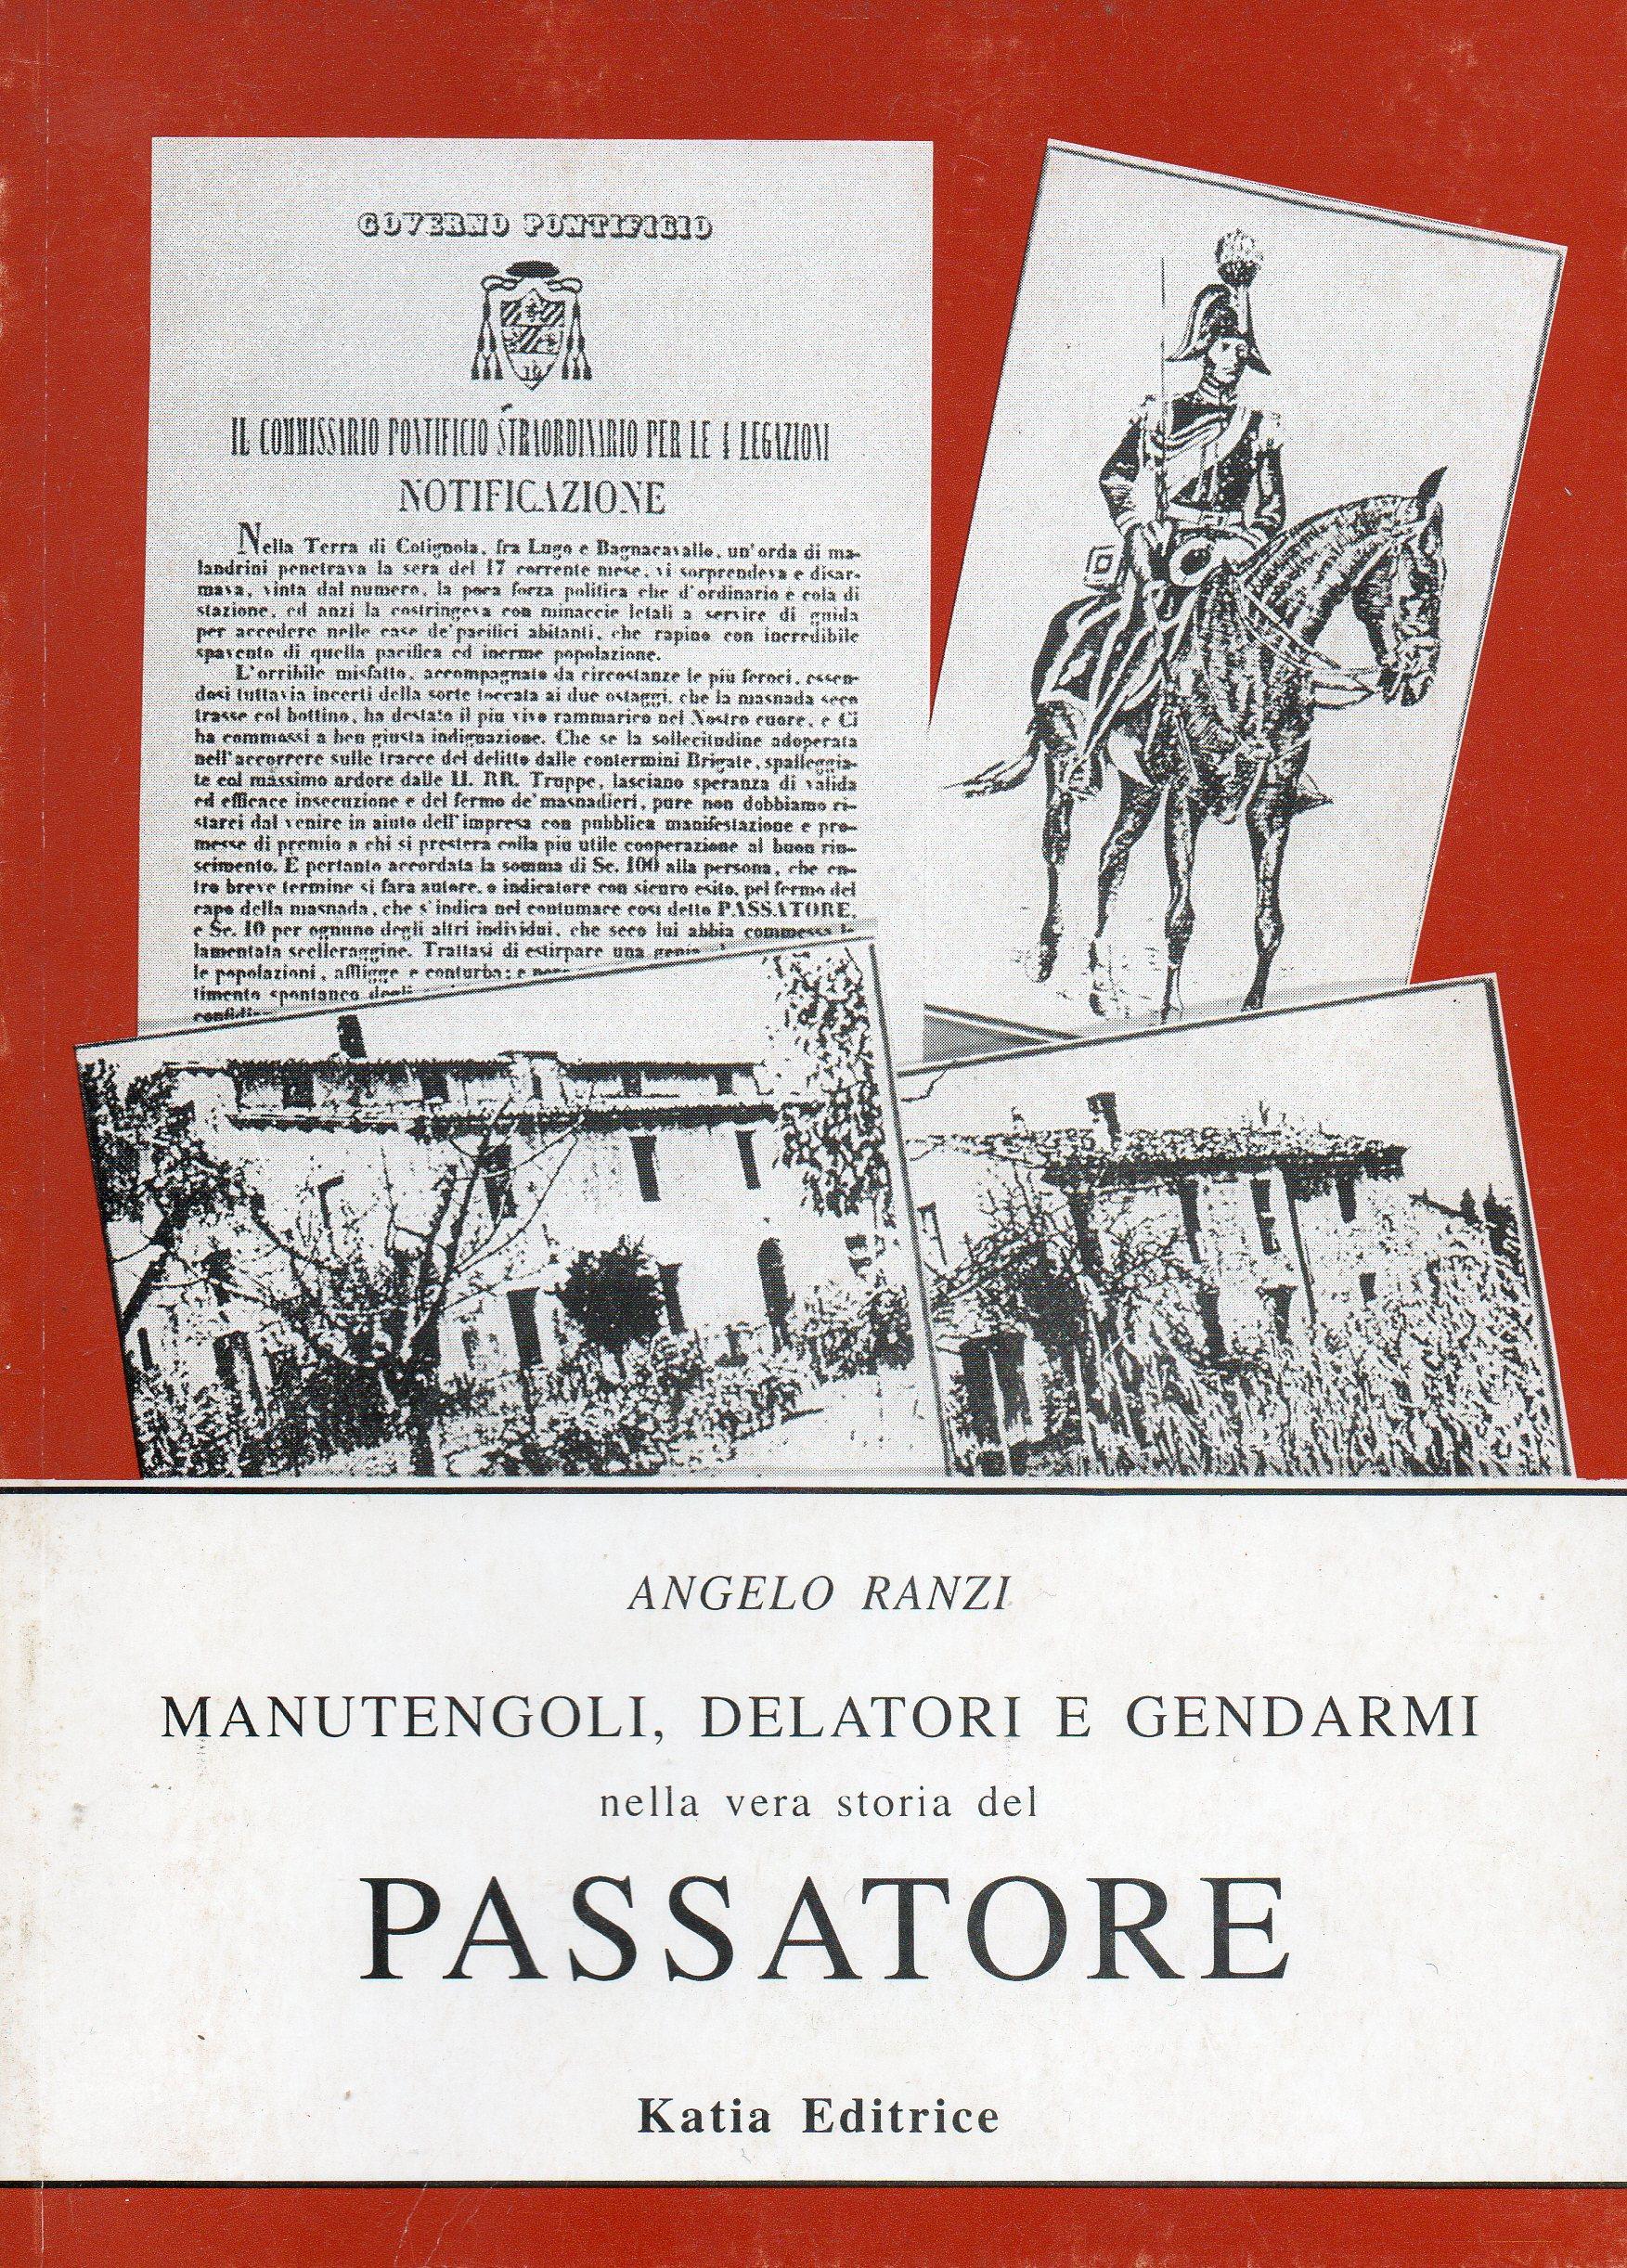 Manutengoli, delatori e gendarmi nella vera storia del Passatore